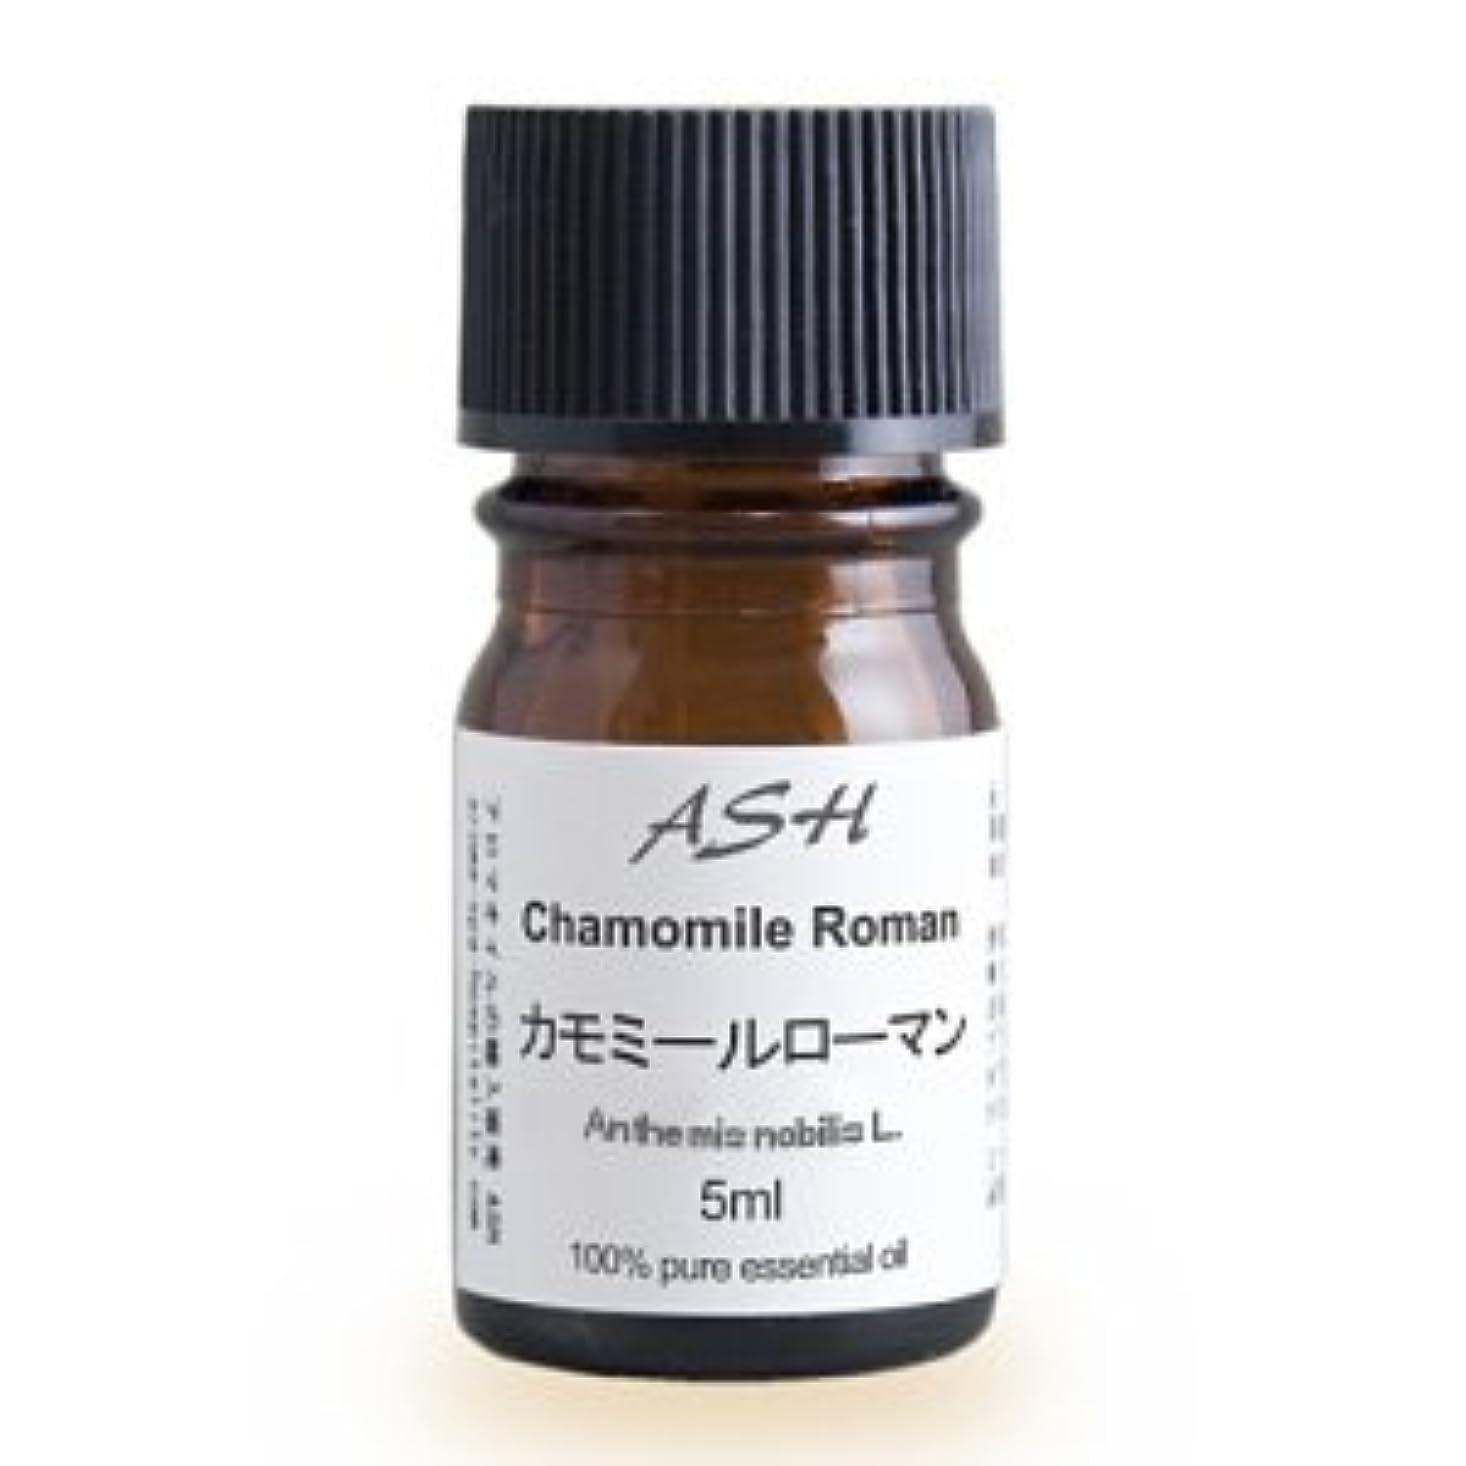 リブ甘くする消化器ASH カモミールローマン エッセンシャルオイル 5ml AEAJ表示基準適合認定精油